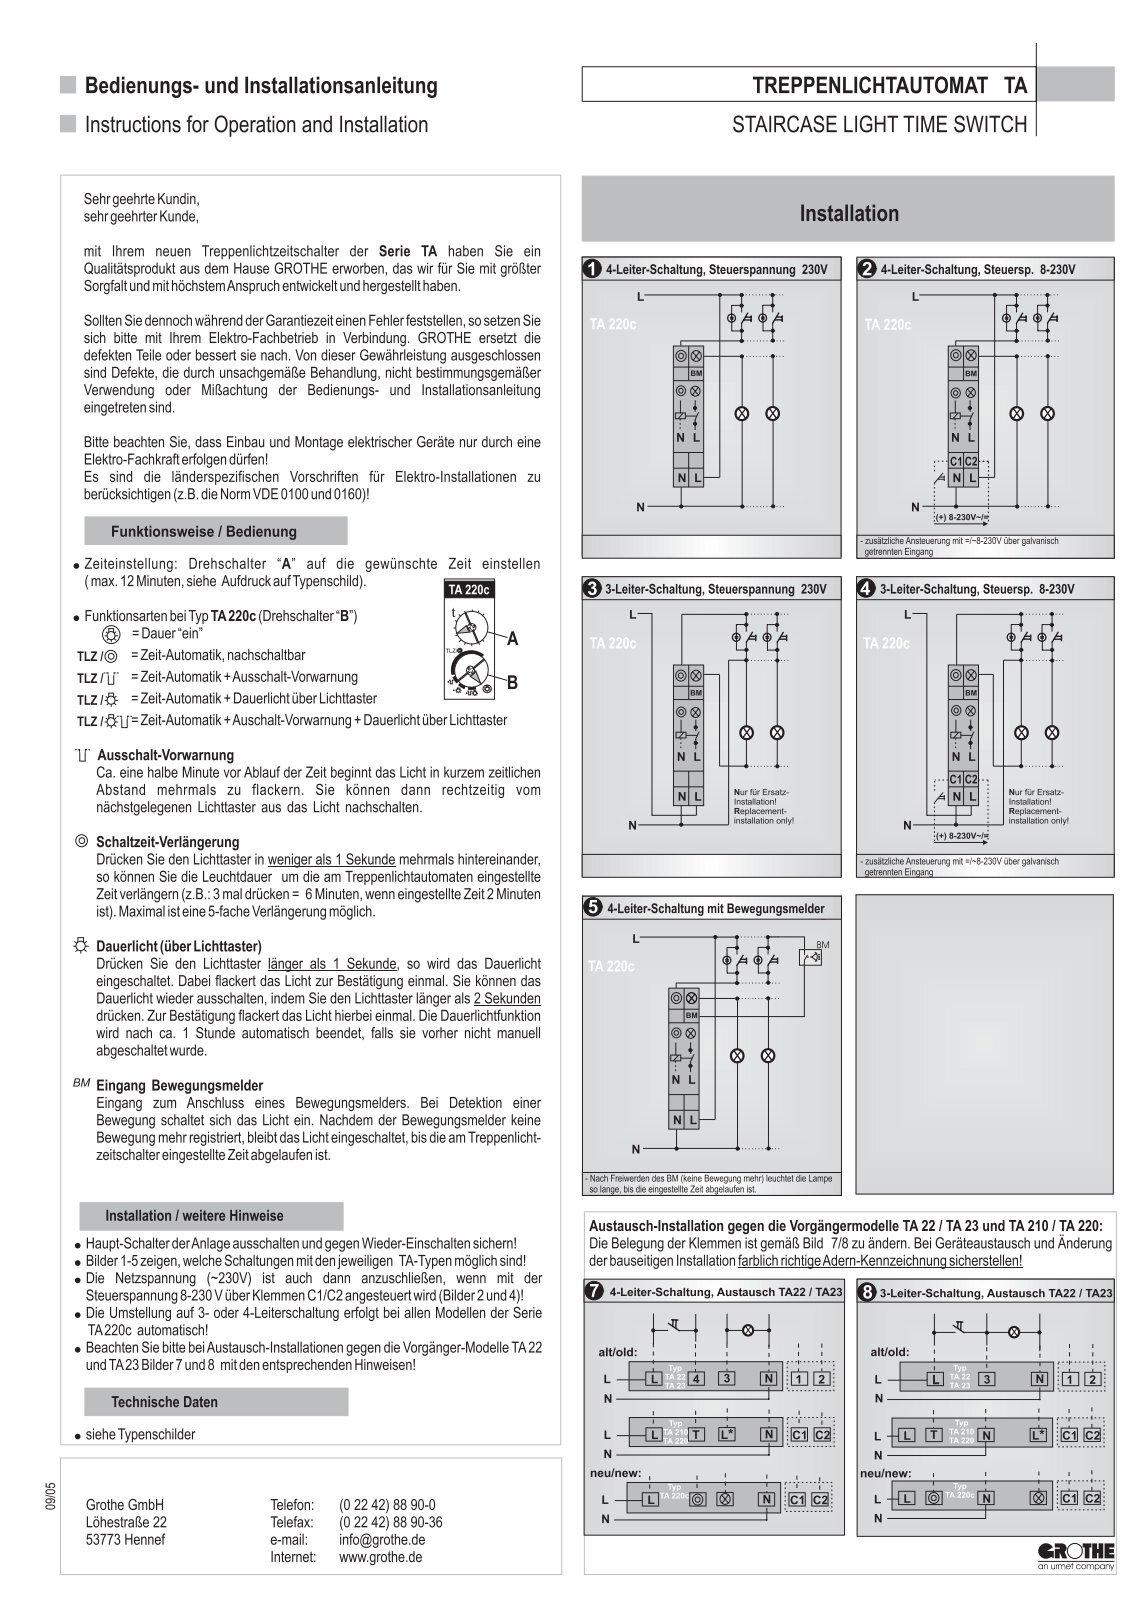 Ausgezeichnet 3 Leiter Scheinwerfer Schaltplan Bilder - Der ...